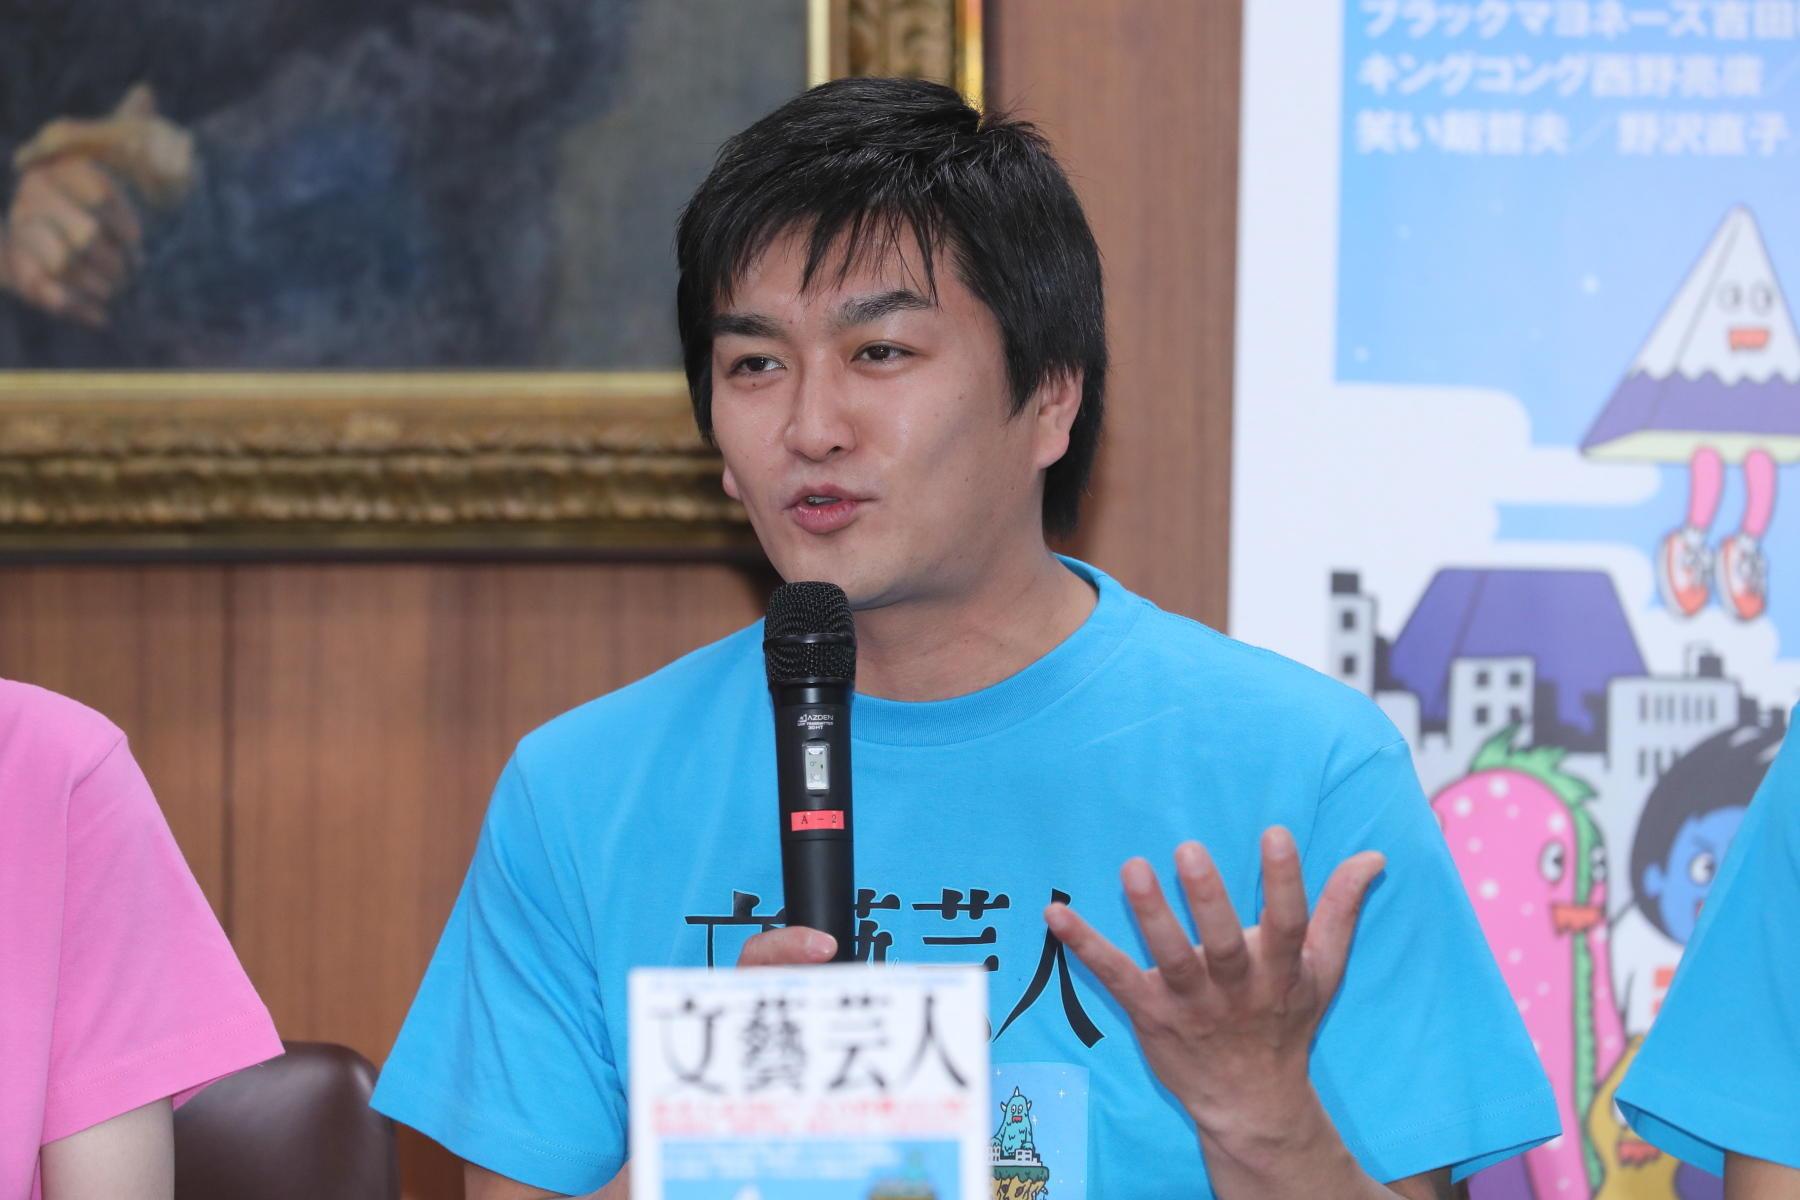 http://news.yoshimoto.co.jp/20170316201735-4dfd5b8ad77cfcb06f20ee963ee2d3c69b13719b.jpg